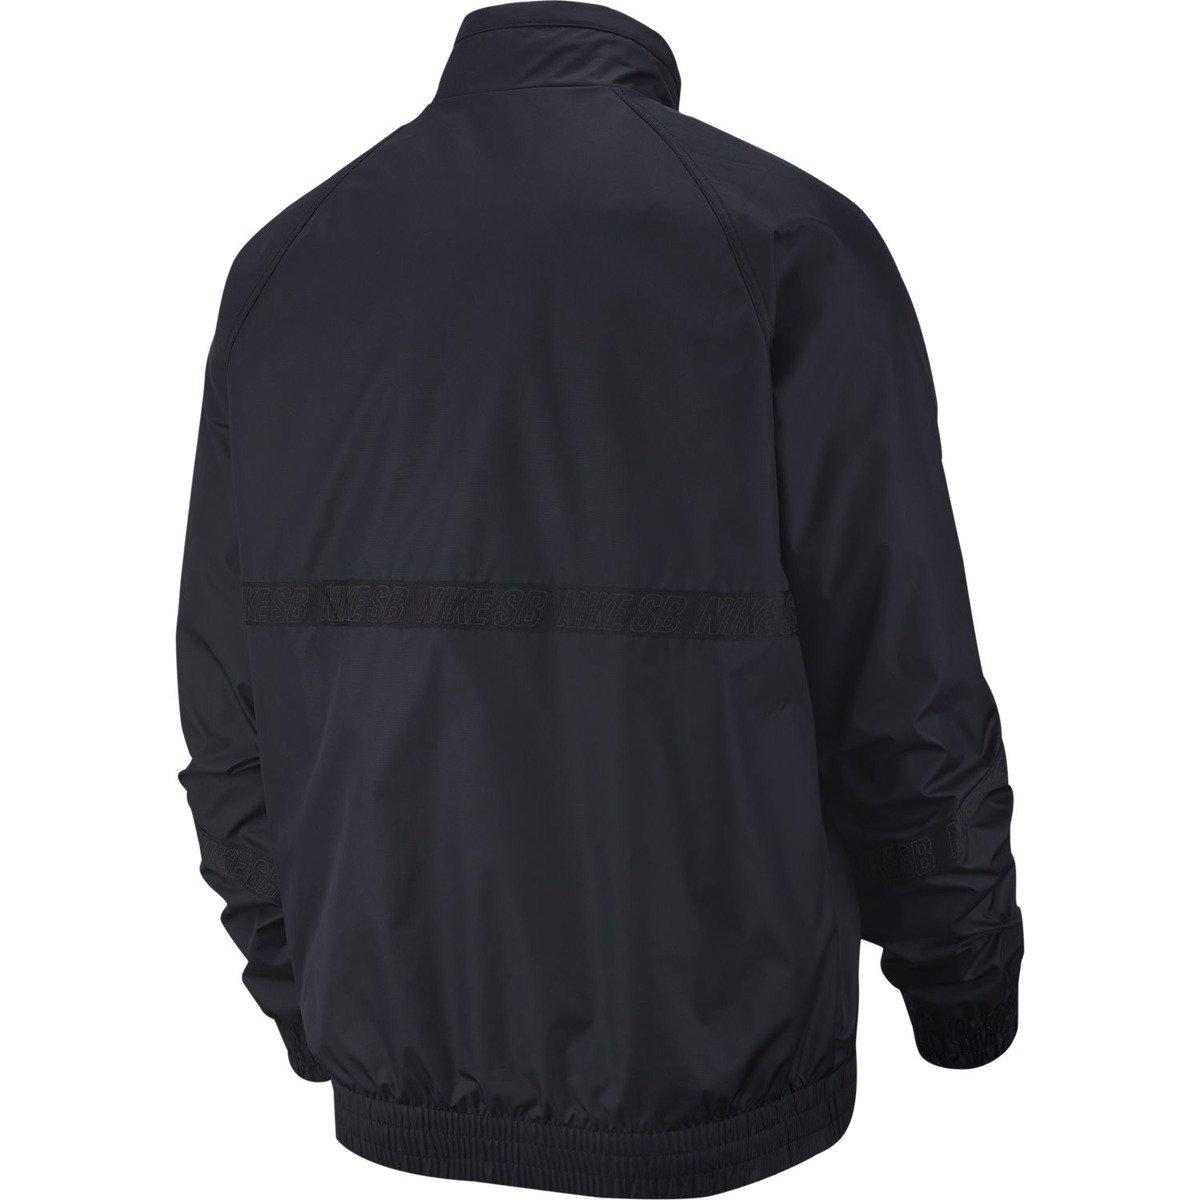 another chance 4ef5b 99fe6 Nike sb Ishod Jacket Orange label Black/black/black